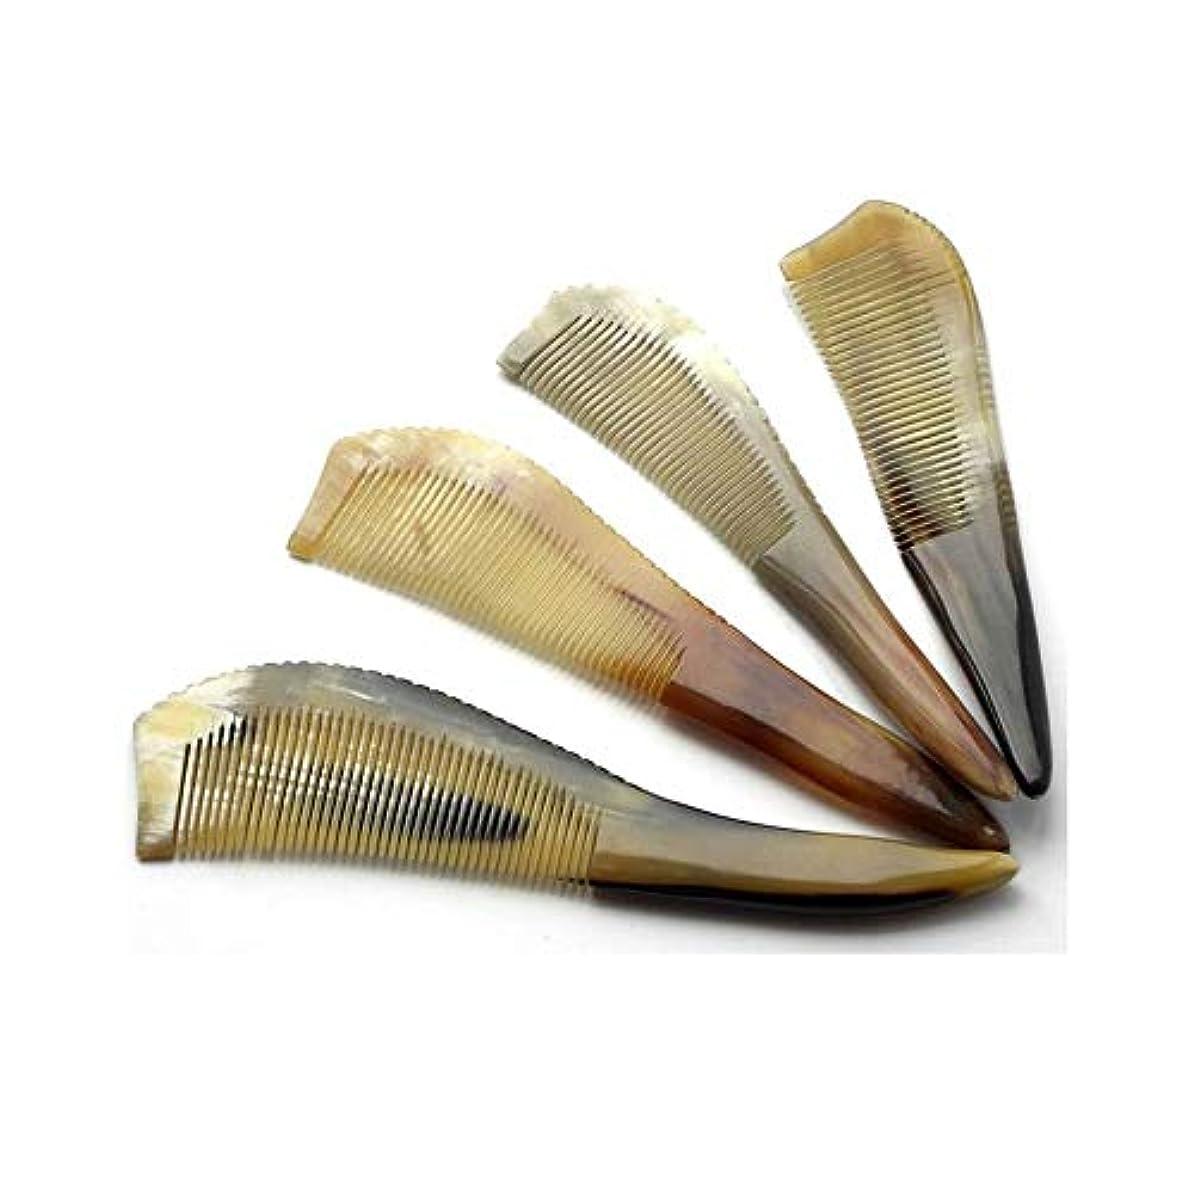 資産遠い松の木もつれ解除はありません静的ヘアコームファイン歯テールコームについてはFashianナチュラルバッファローホーンくし ヘアケア